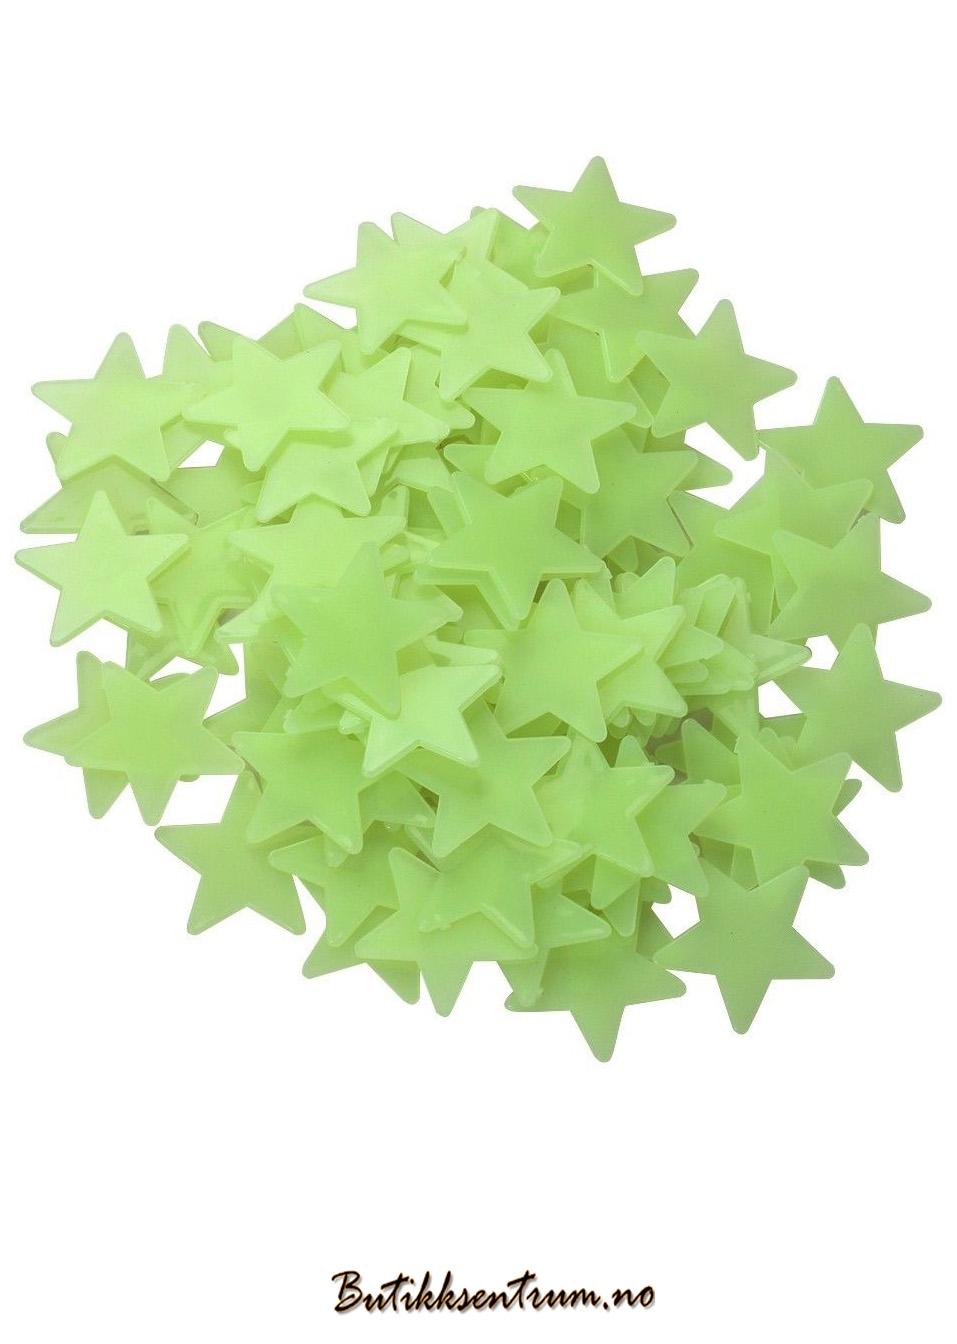 Selvlysende Stjerner 1